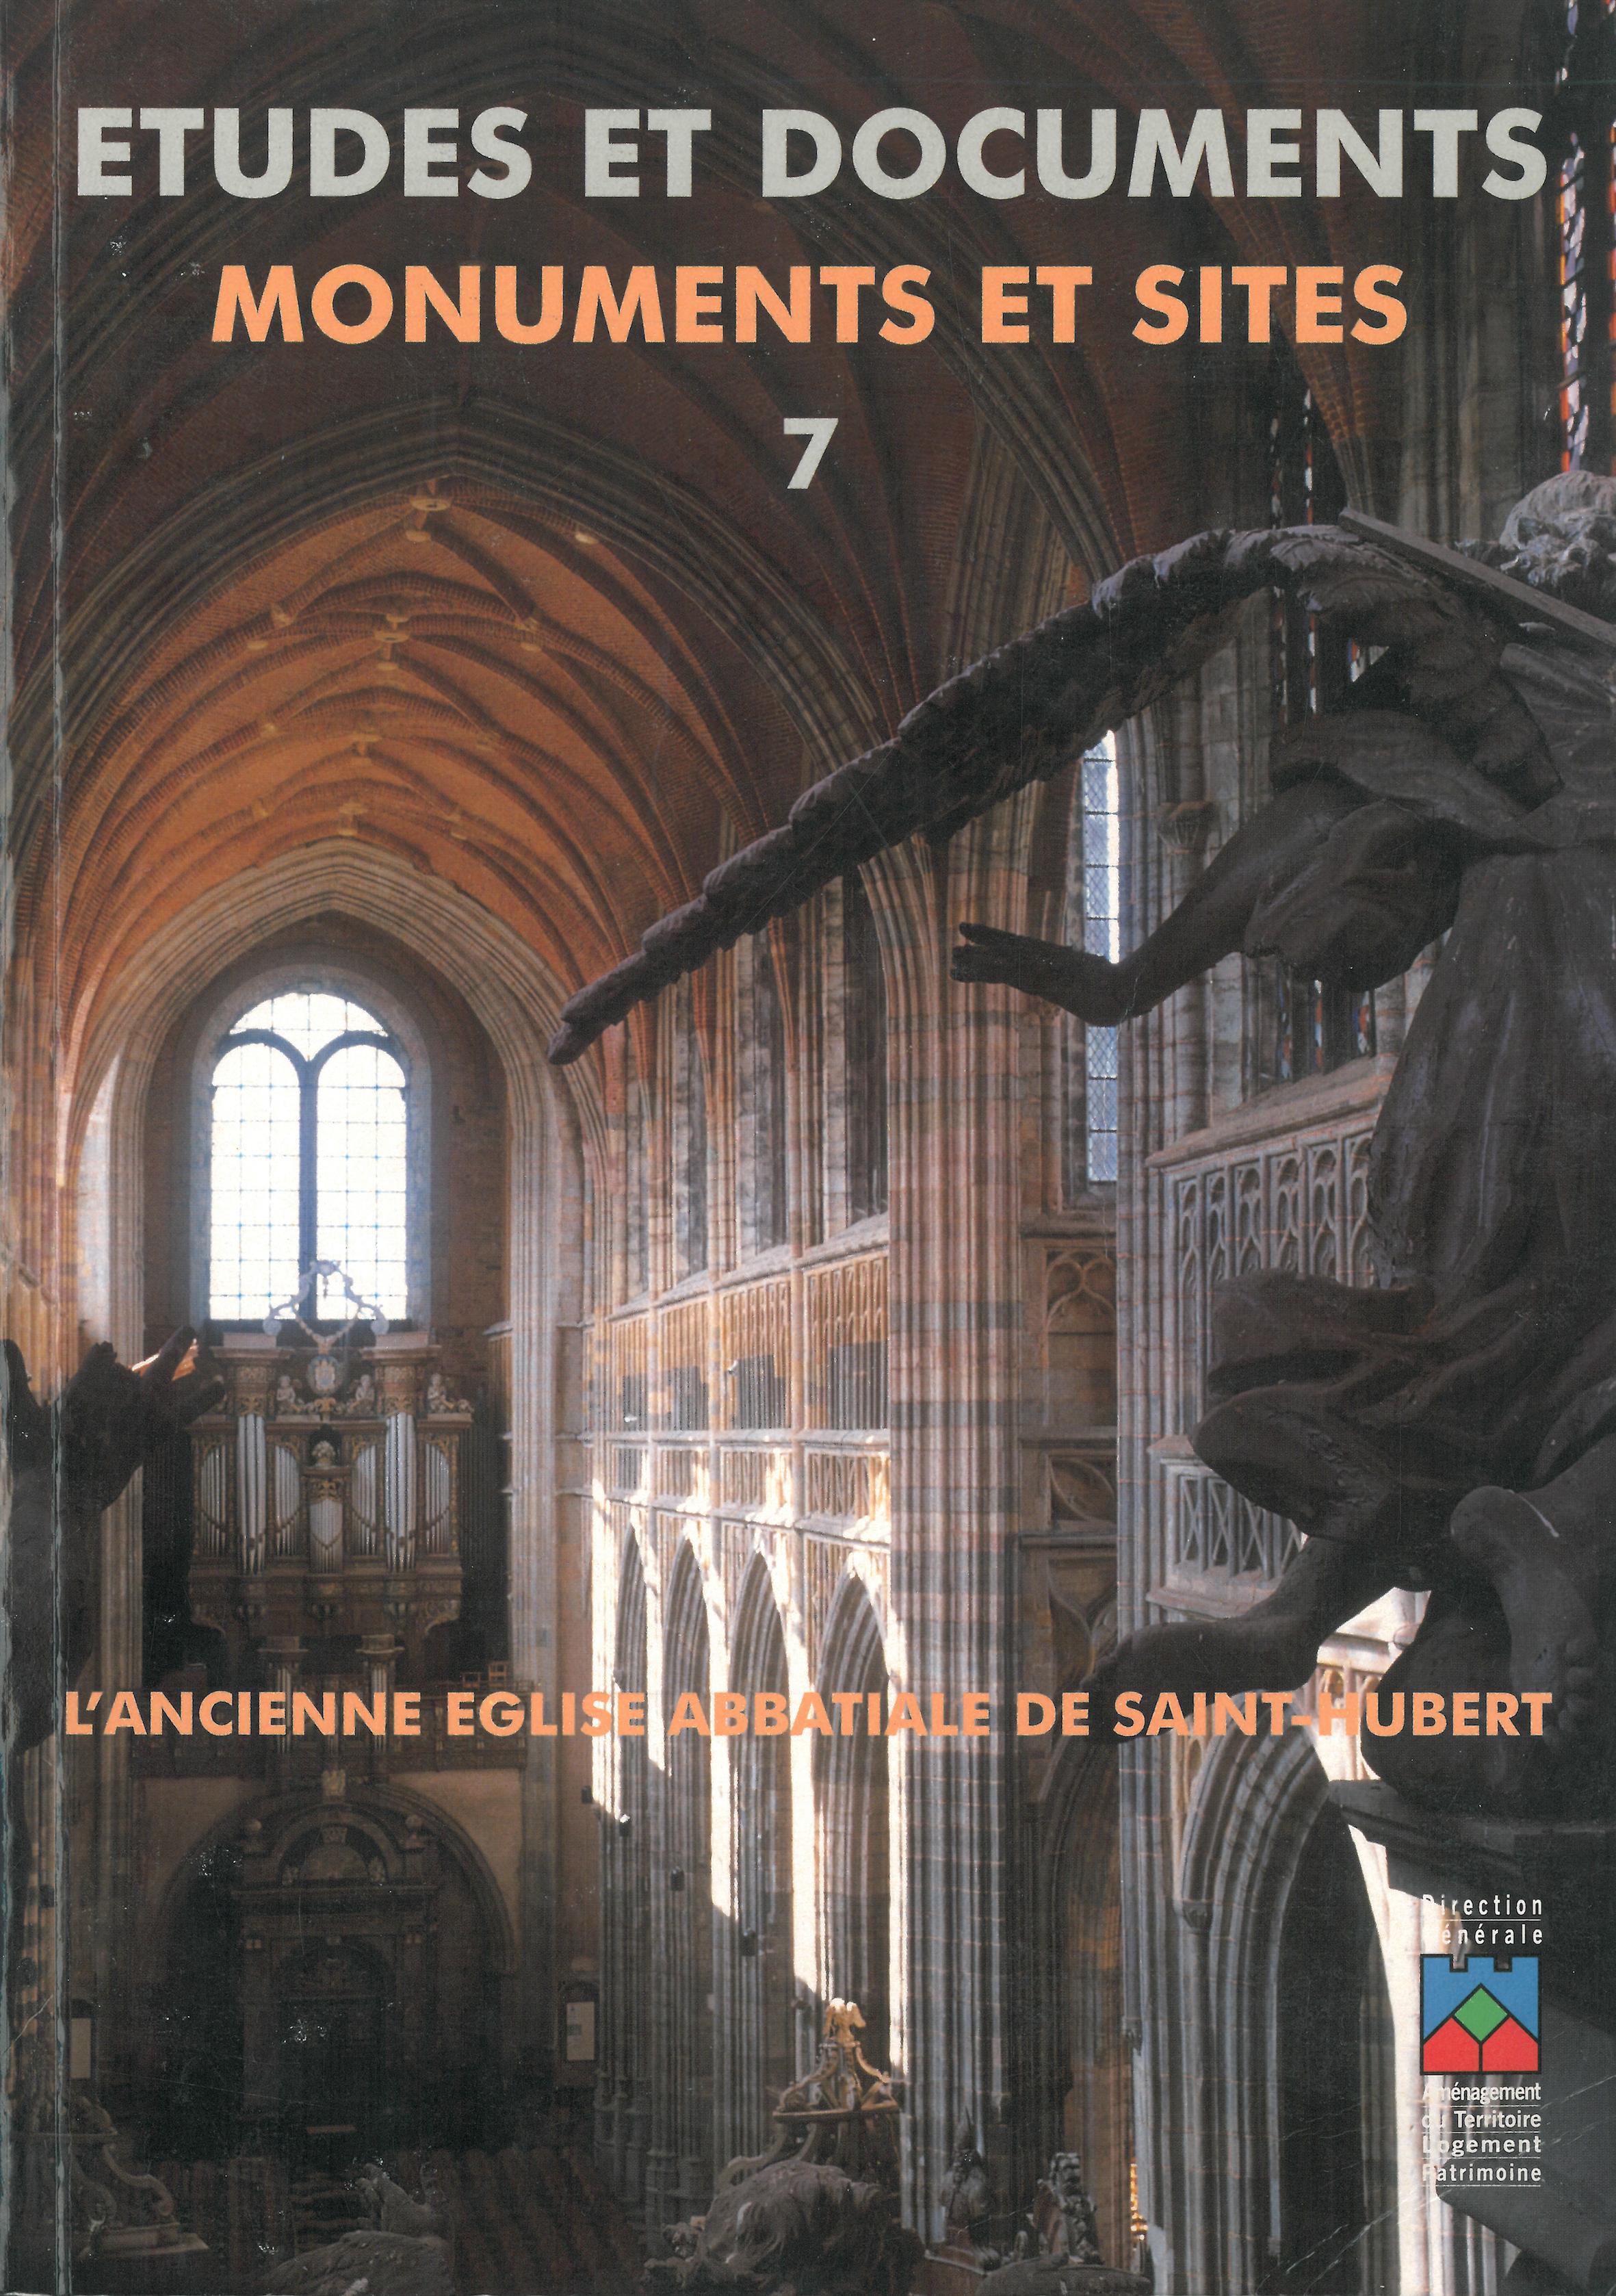 Études et documents – Monuments et sites n° 7 – L'ancienne Église abbatiale de Saint-Hubert